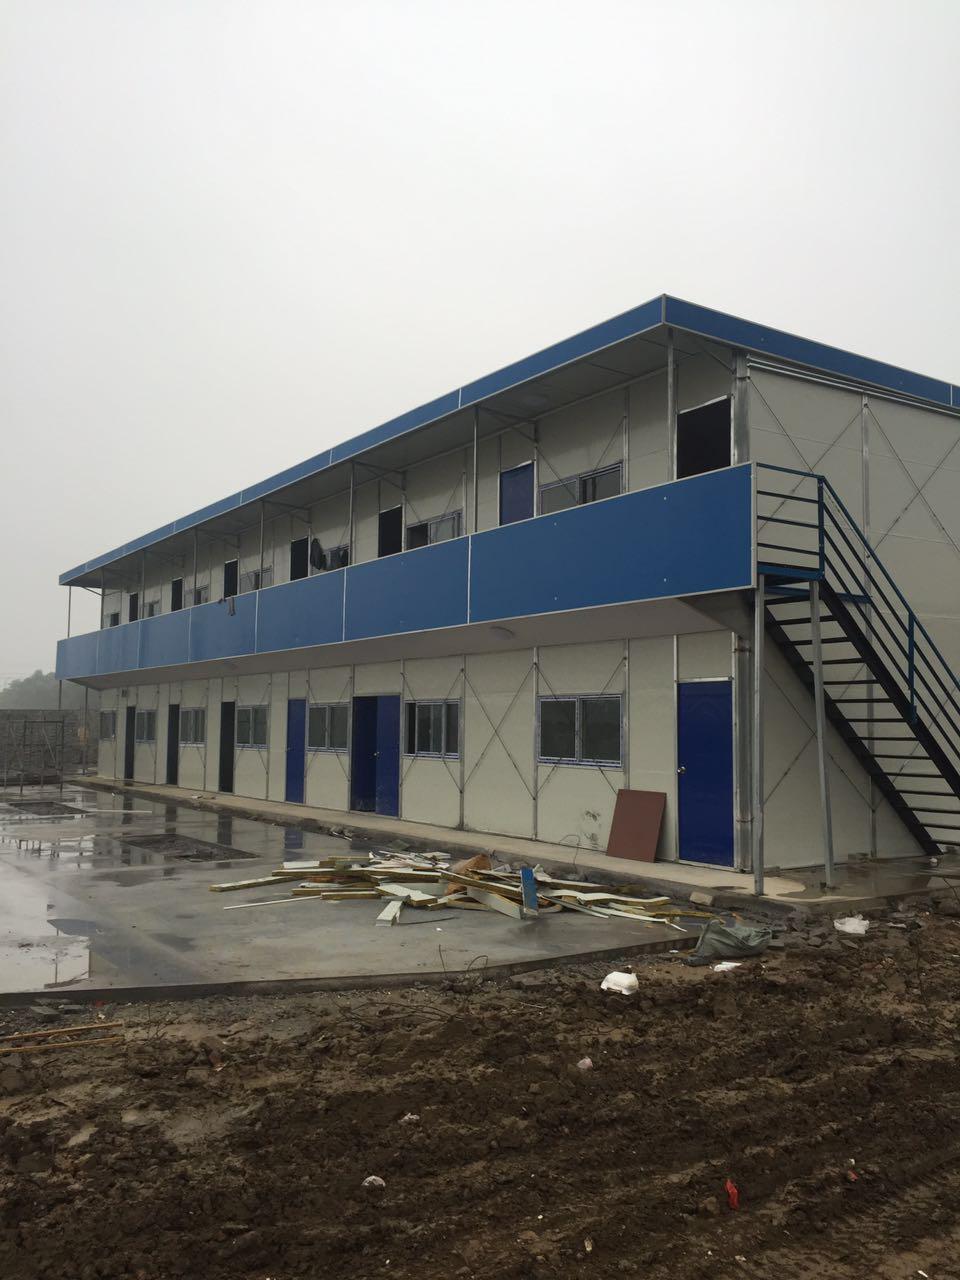 揚州市活動房,承接揚州市活動房新建,拆搭,出租,回收等業務。